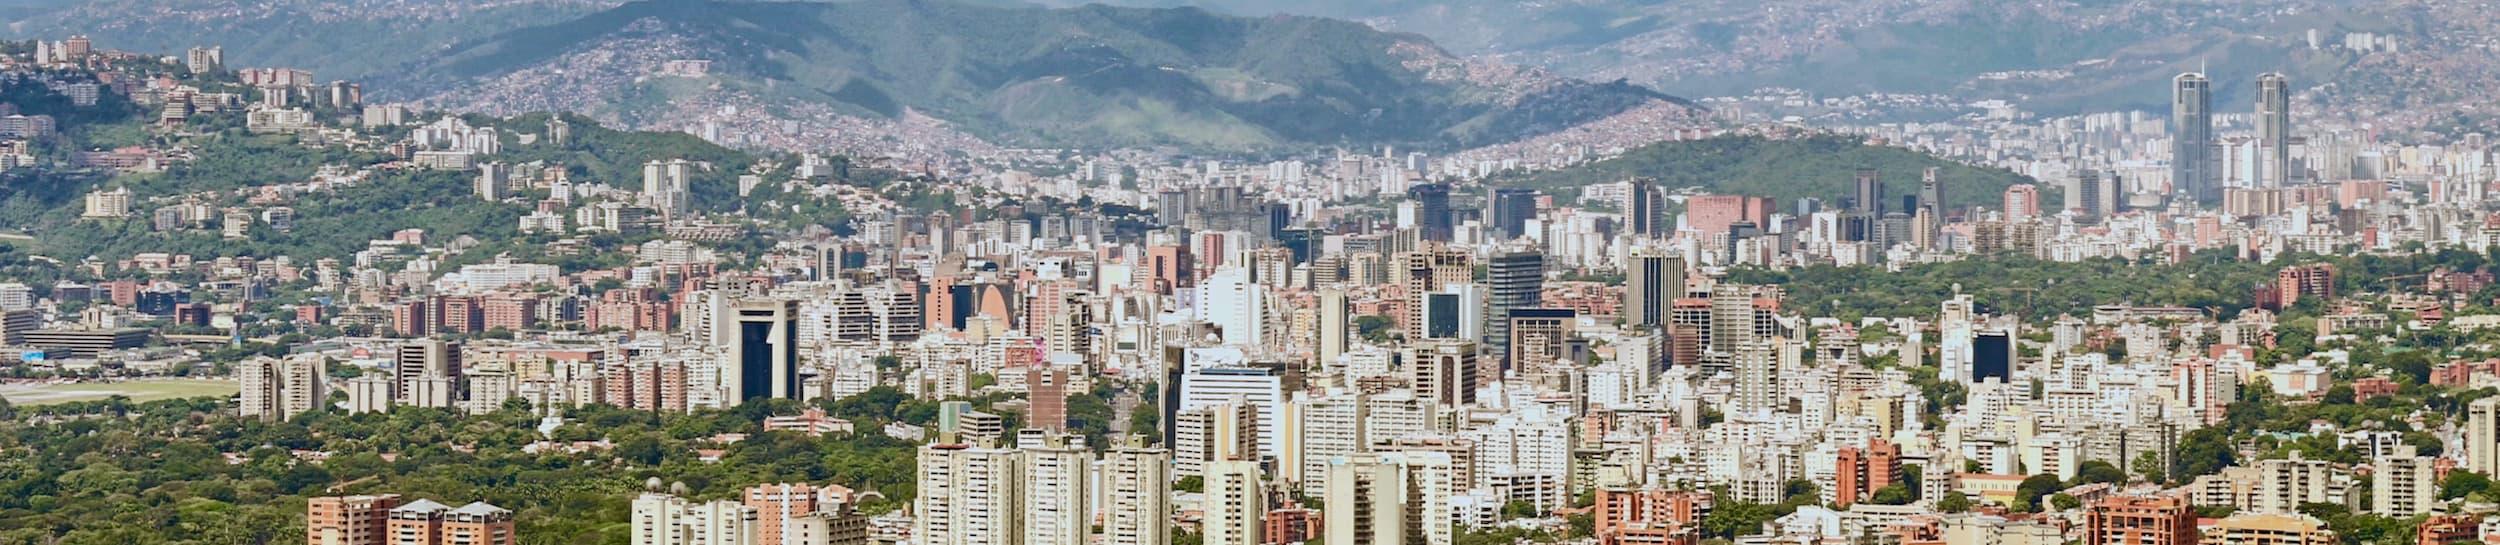 Skyline of Caracas